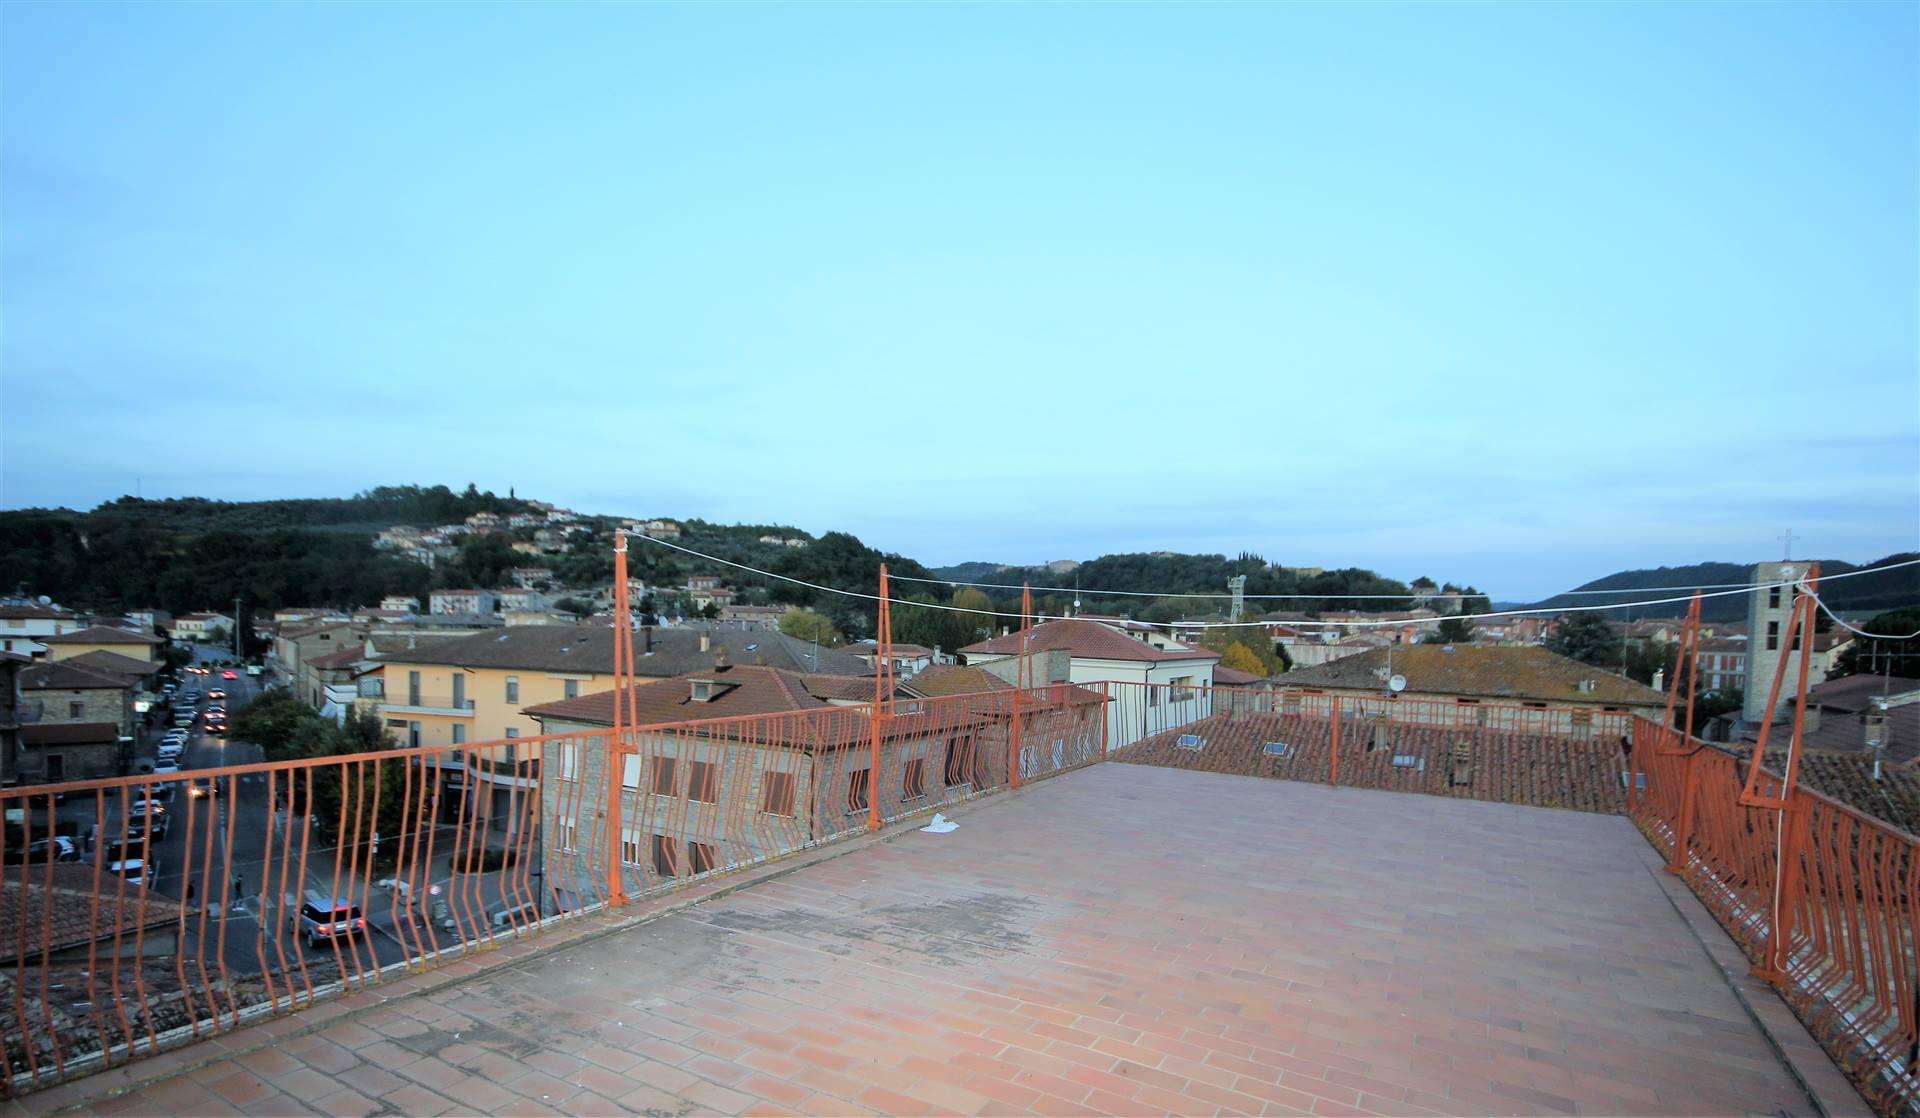 Appartamento in affitto a Fabro, 3 locali, zona Zona: Fabro Scalo, prezzo € 280 | CambioCasa.it